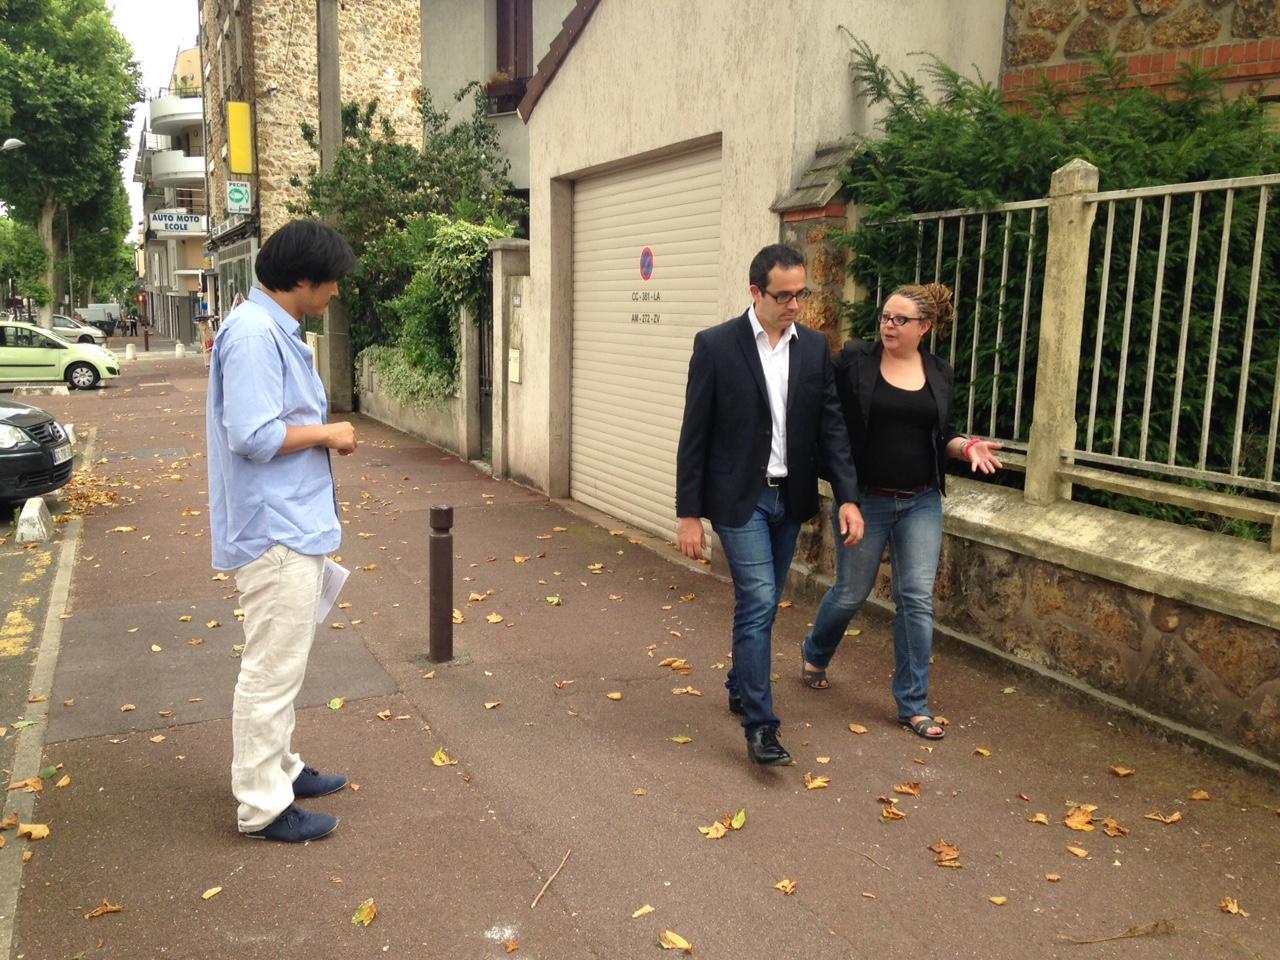 tournage dans la rue